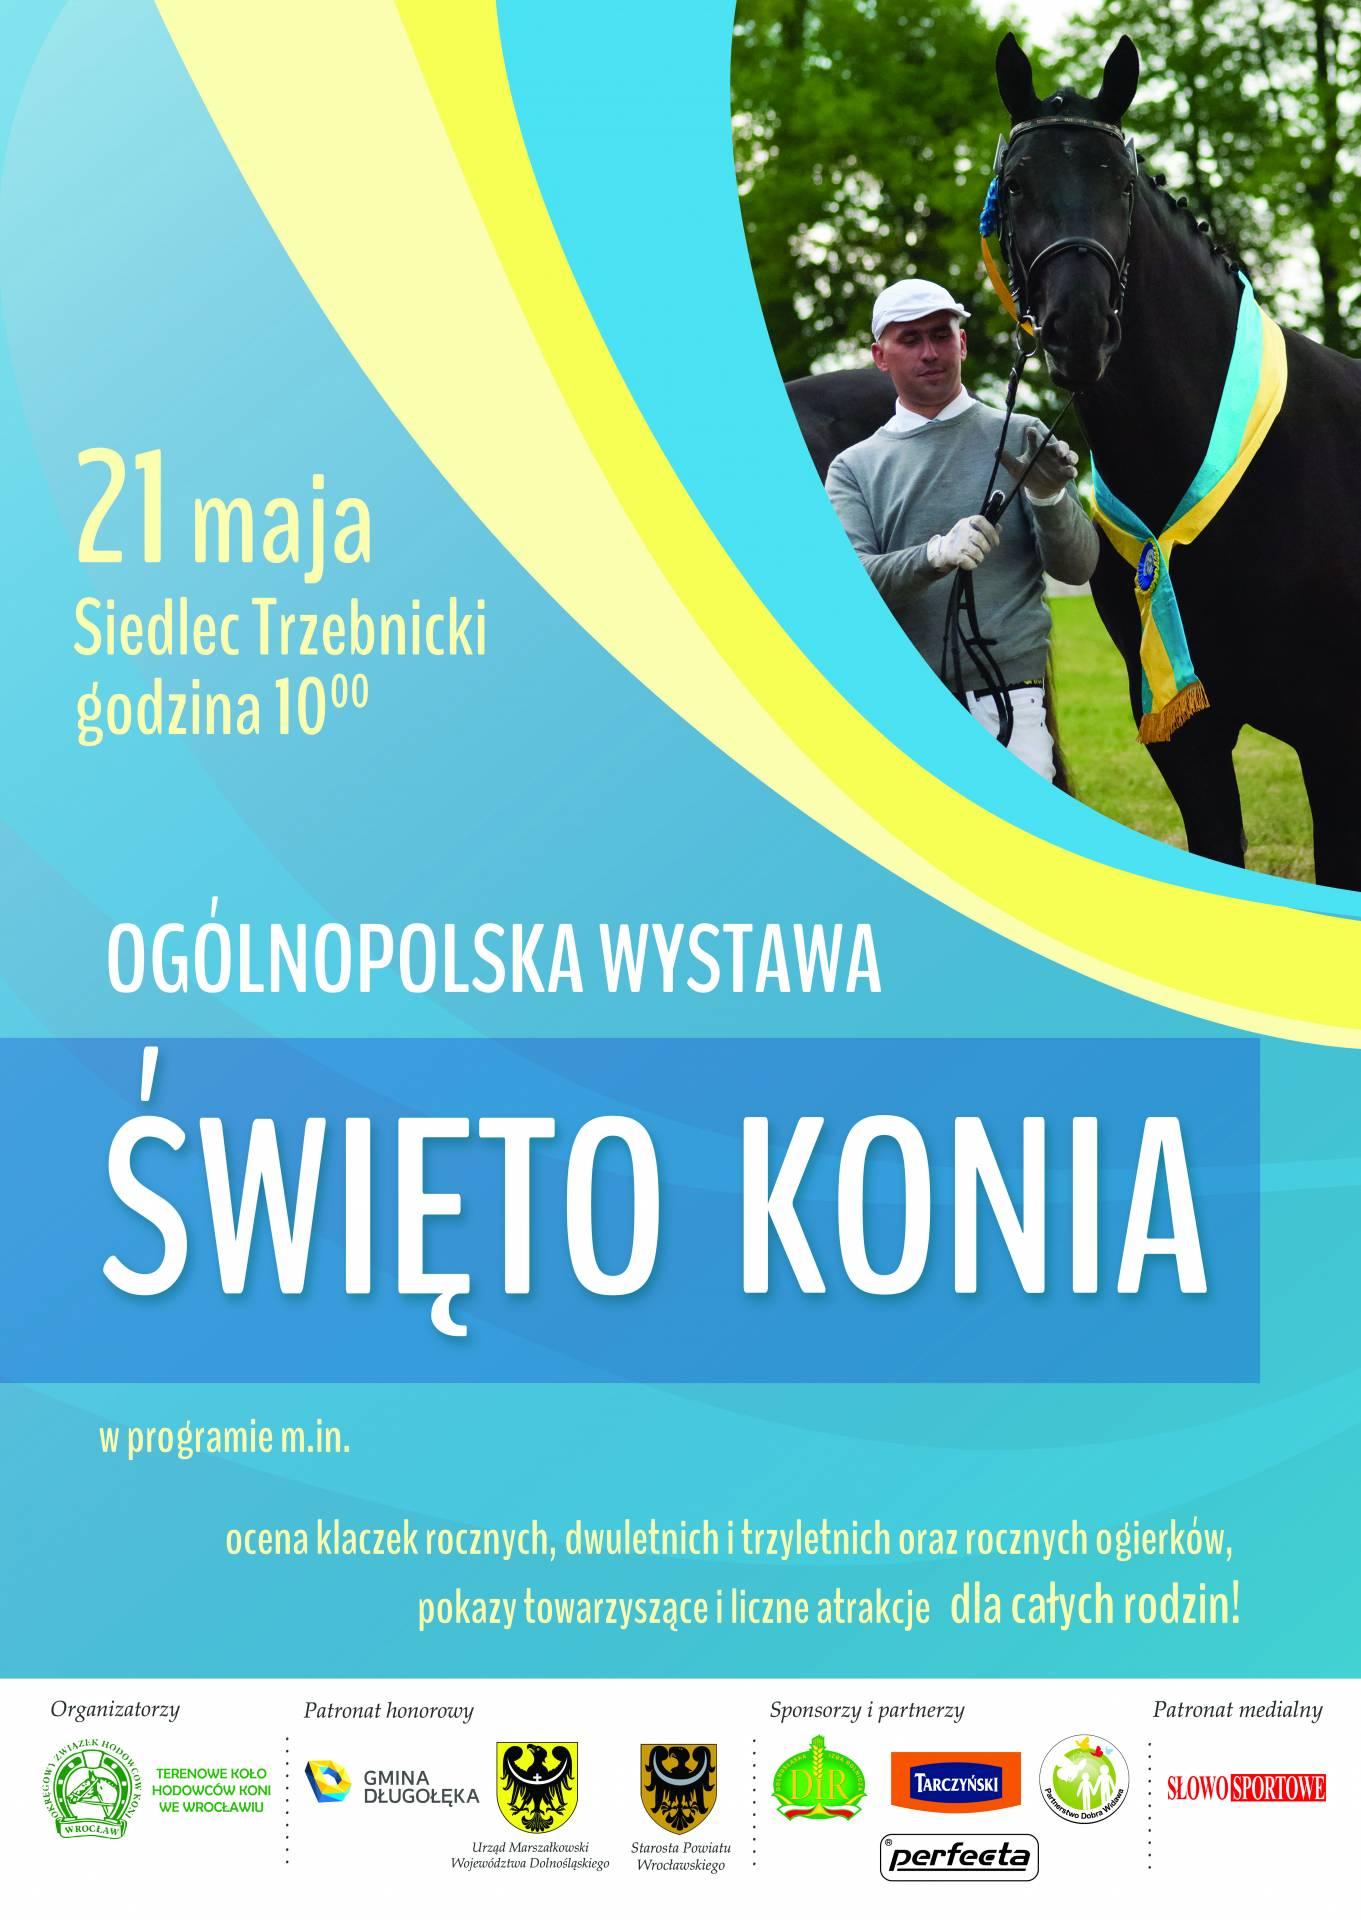 Ogólnopolska Wystawa Młodzieży Hodowlanej różnych ras  Świeto konia 2017 – Siedlec Trzebnicki